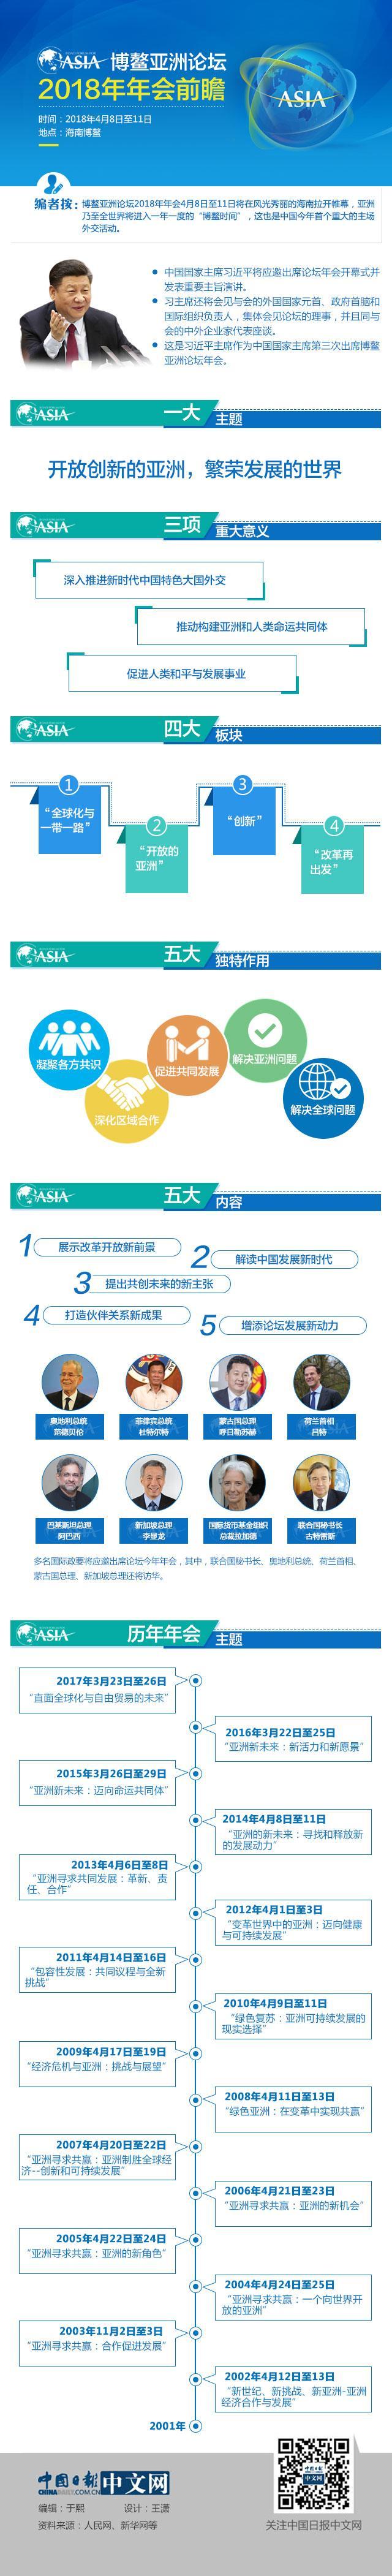 重庆时时彩助赢软件:博鳌亚洲论坛2018年年会前瞻